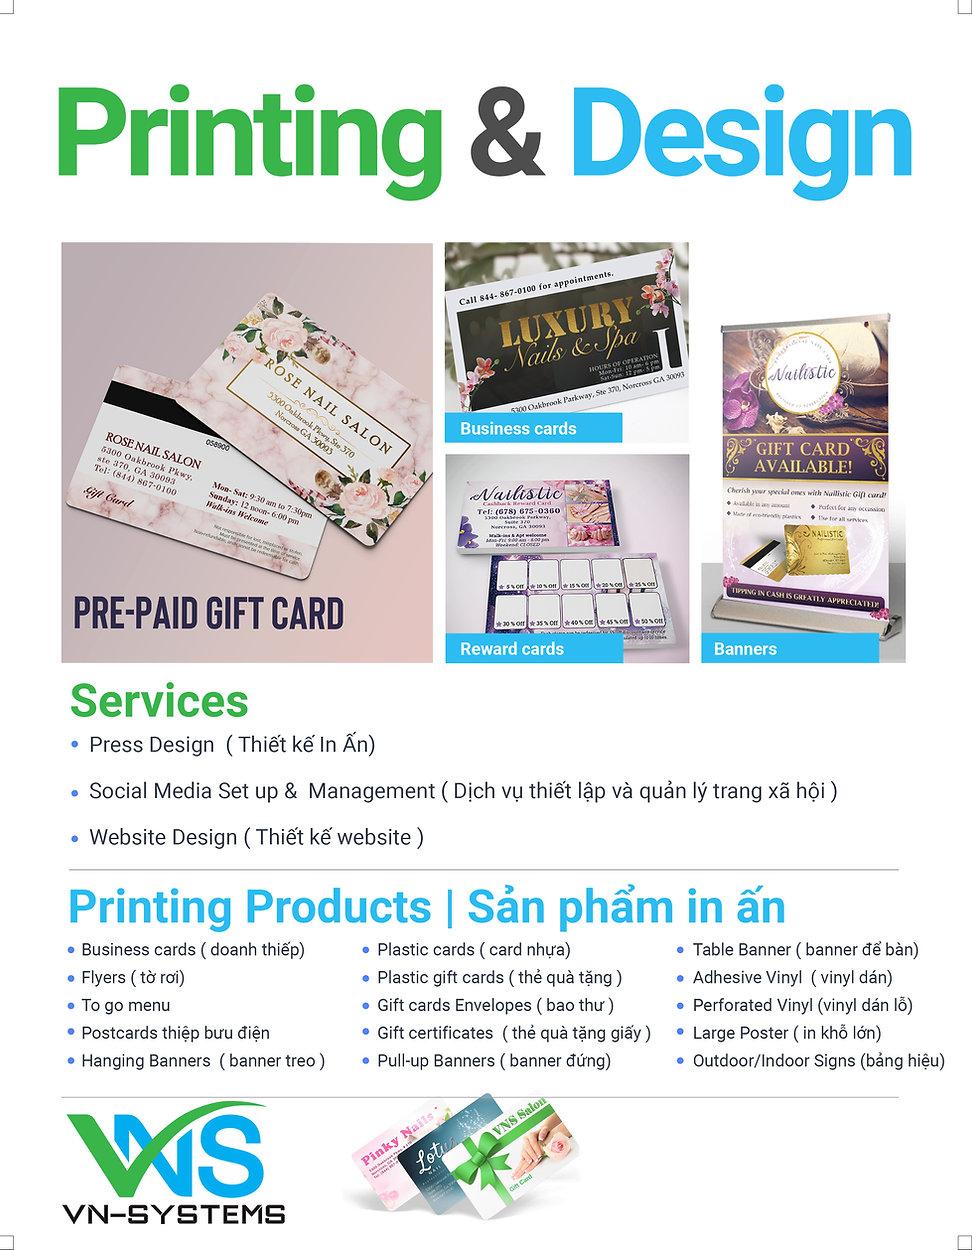 printing posters.jpg